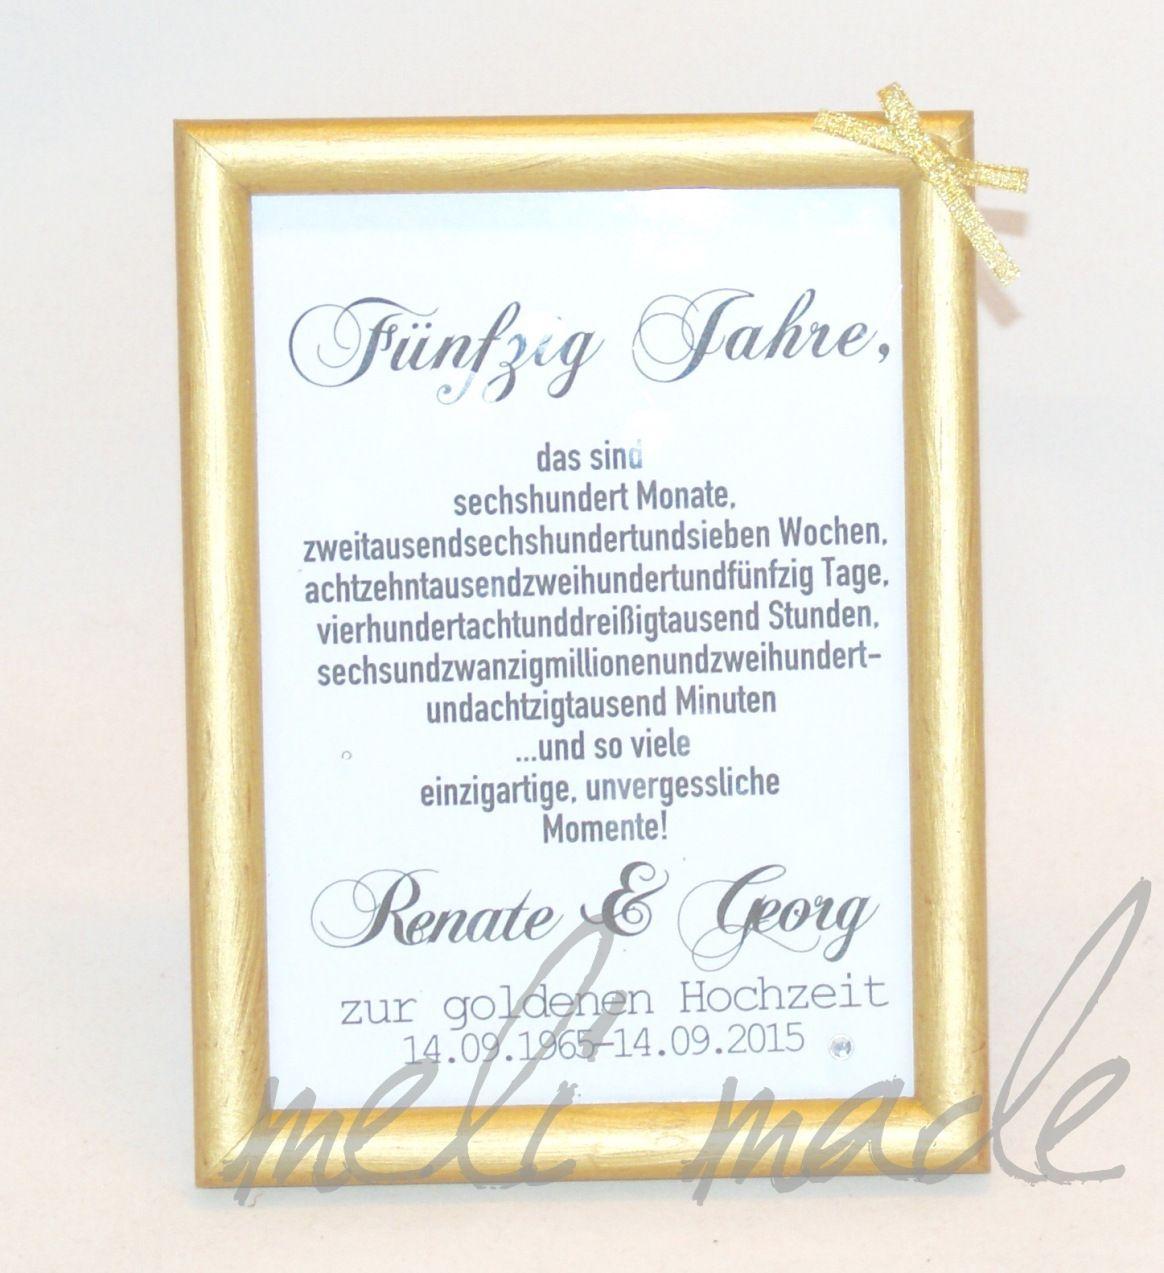 Schöne Gedichte Eiserne Hochzeit Verse Sprüche Bilder Zu